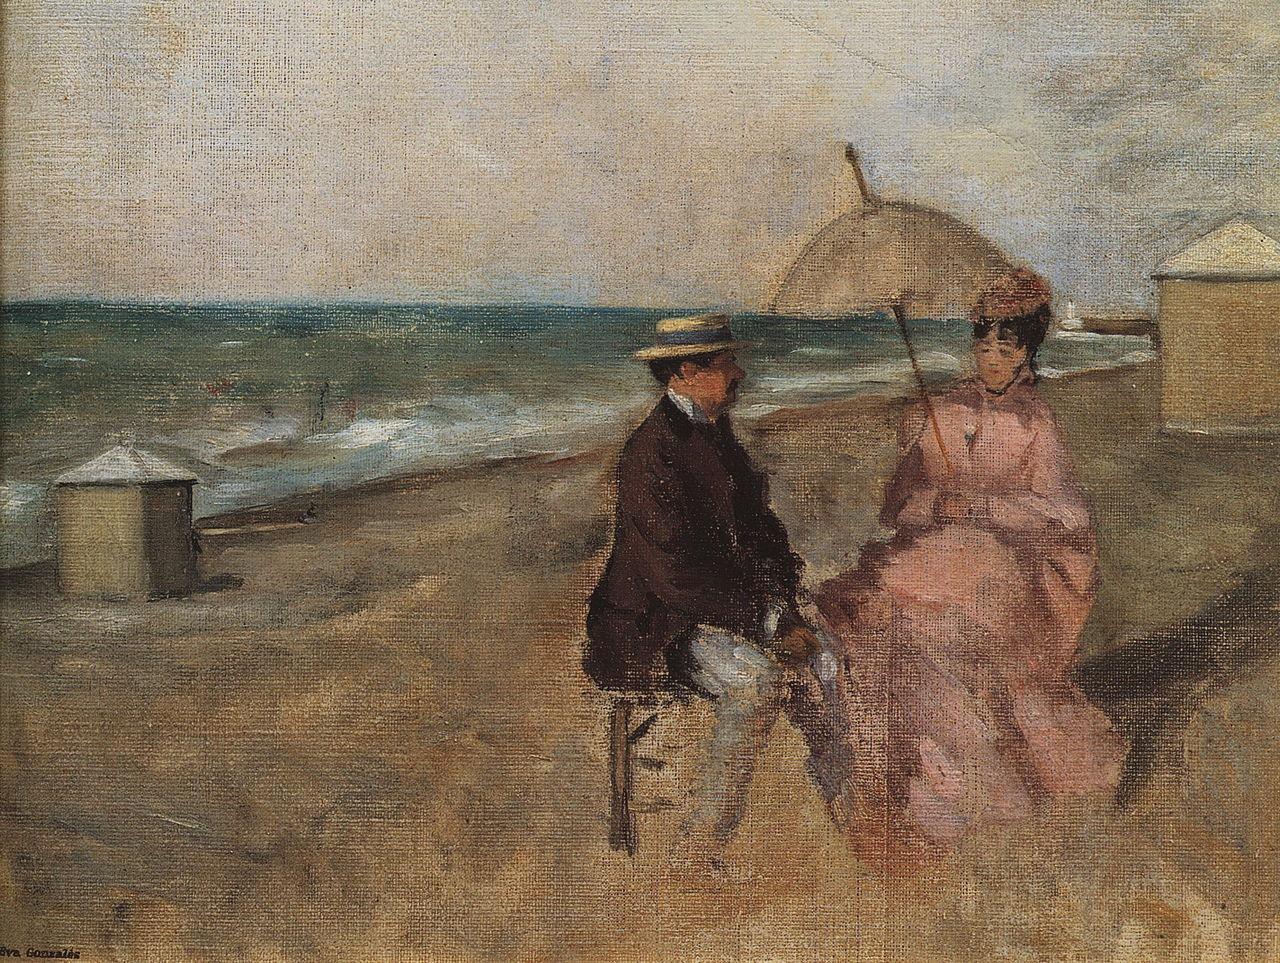 Ева Гонсалес - Étude sur la plage.jpg